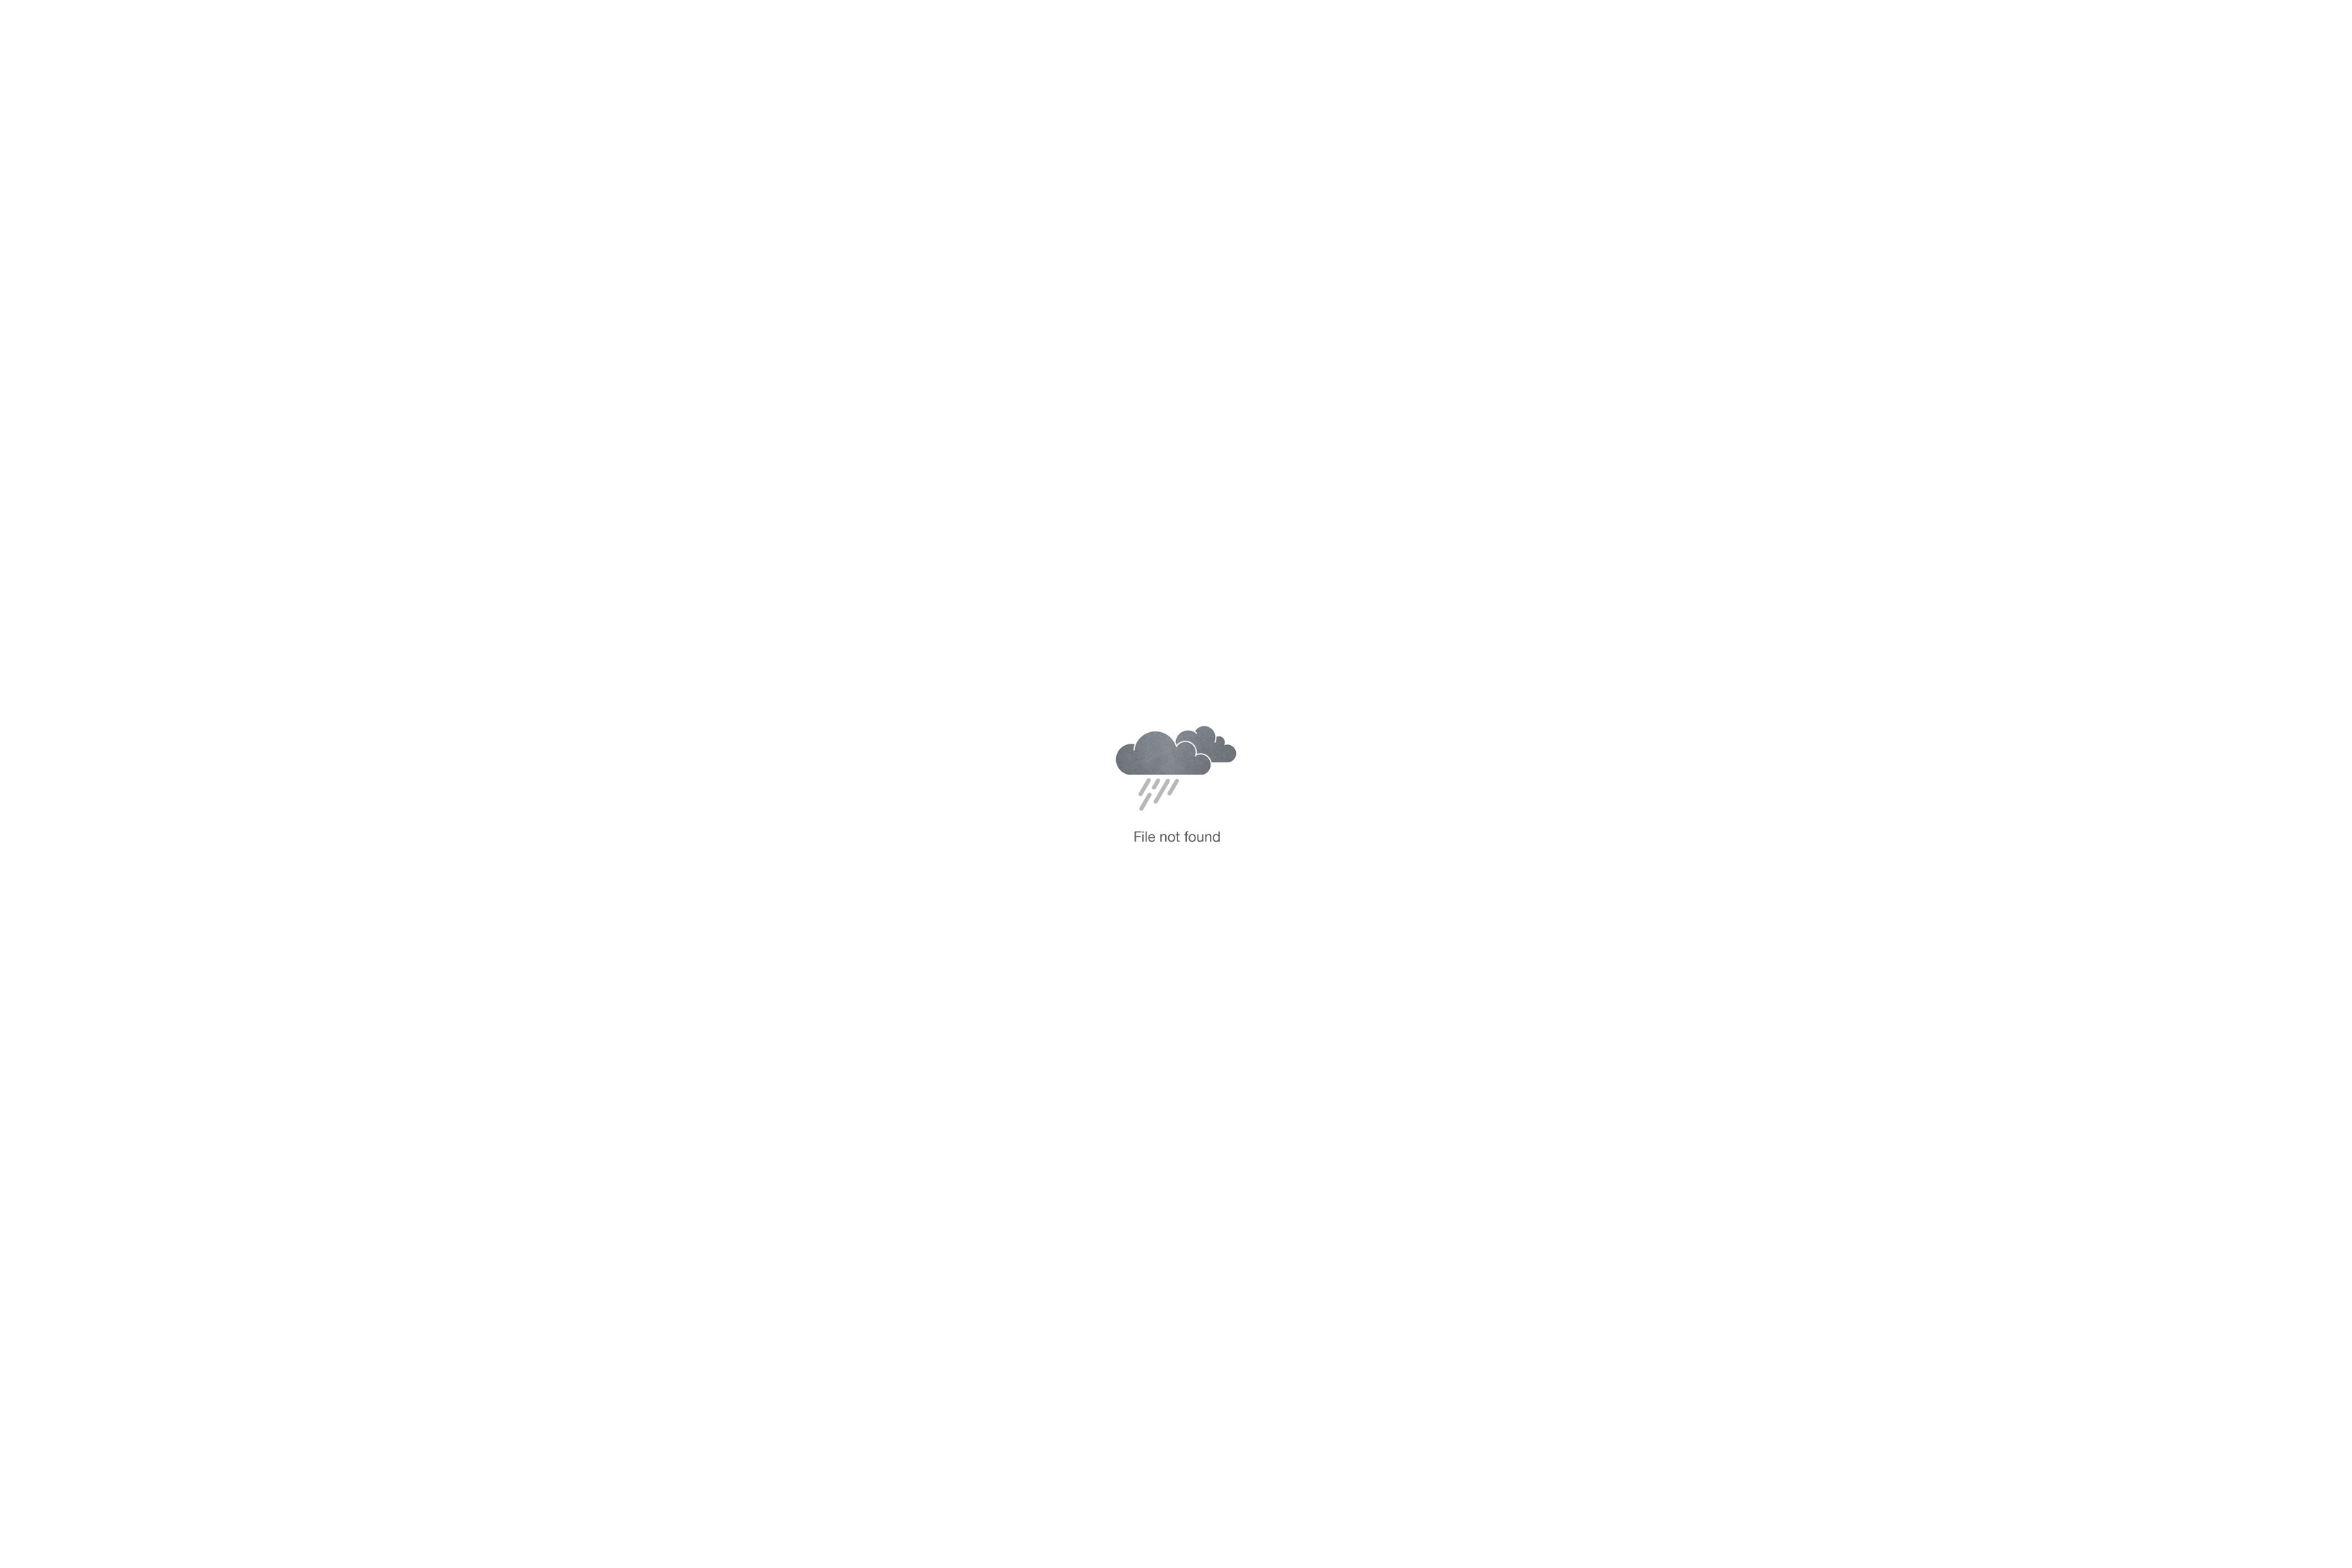 Olivier-DROUIN-Cyclisme-Sponsorise-me-image-2